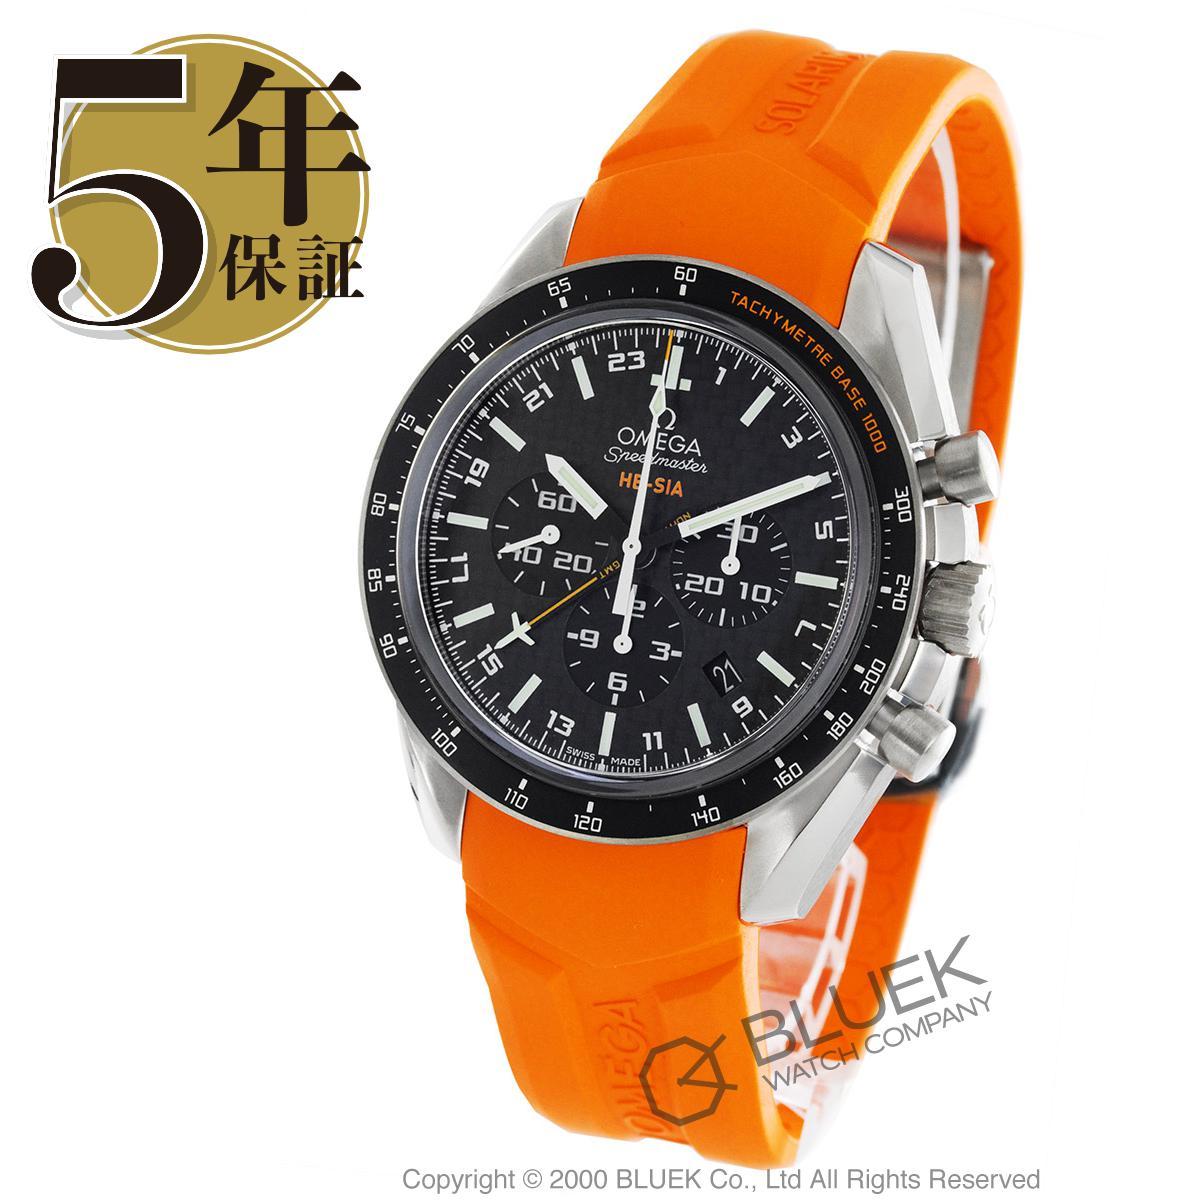 オメガ スピードマスター HB-SIA クロノグラフ GMT 腕時計 メンズ OMEGA 321.92.44.52.01.003_8